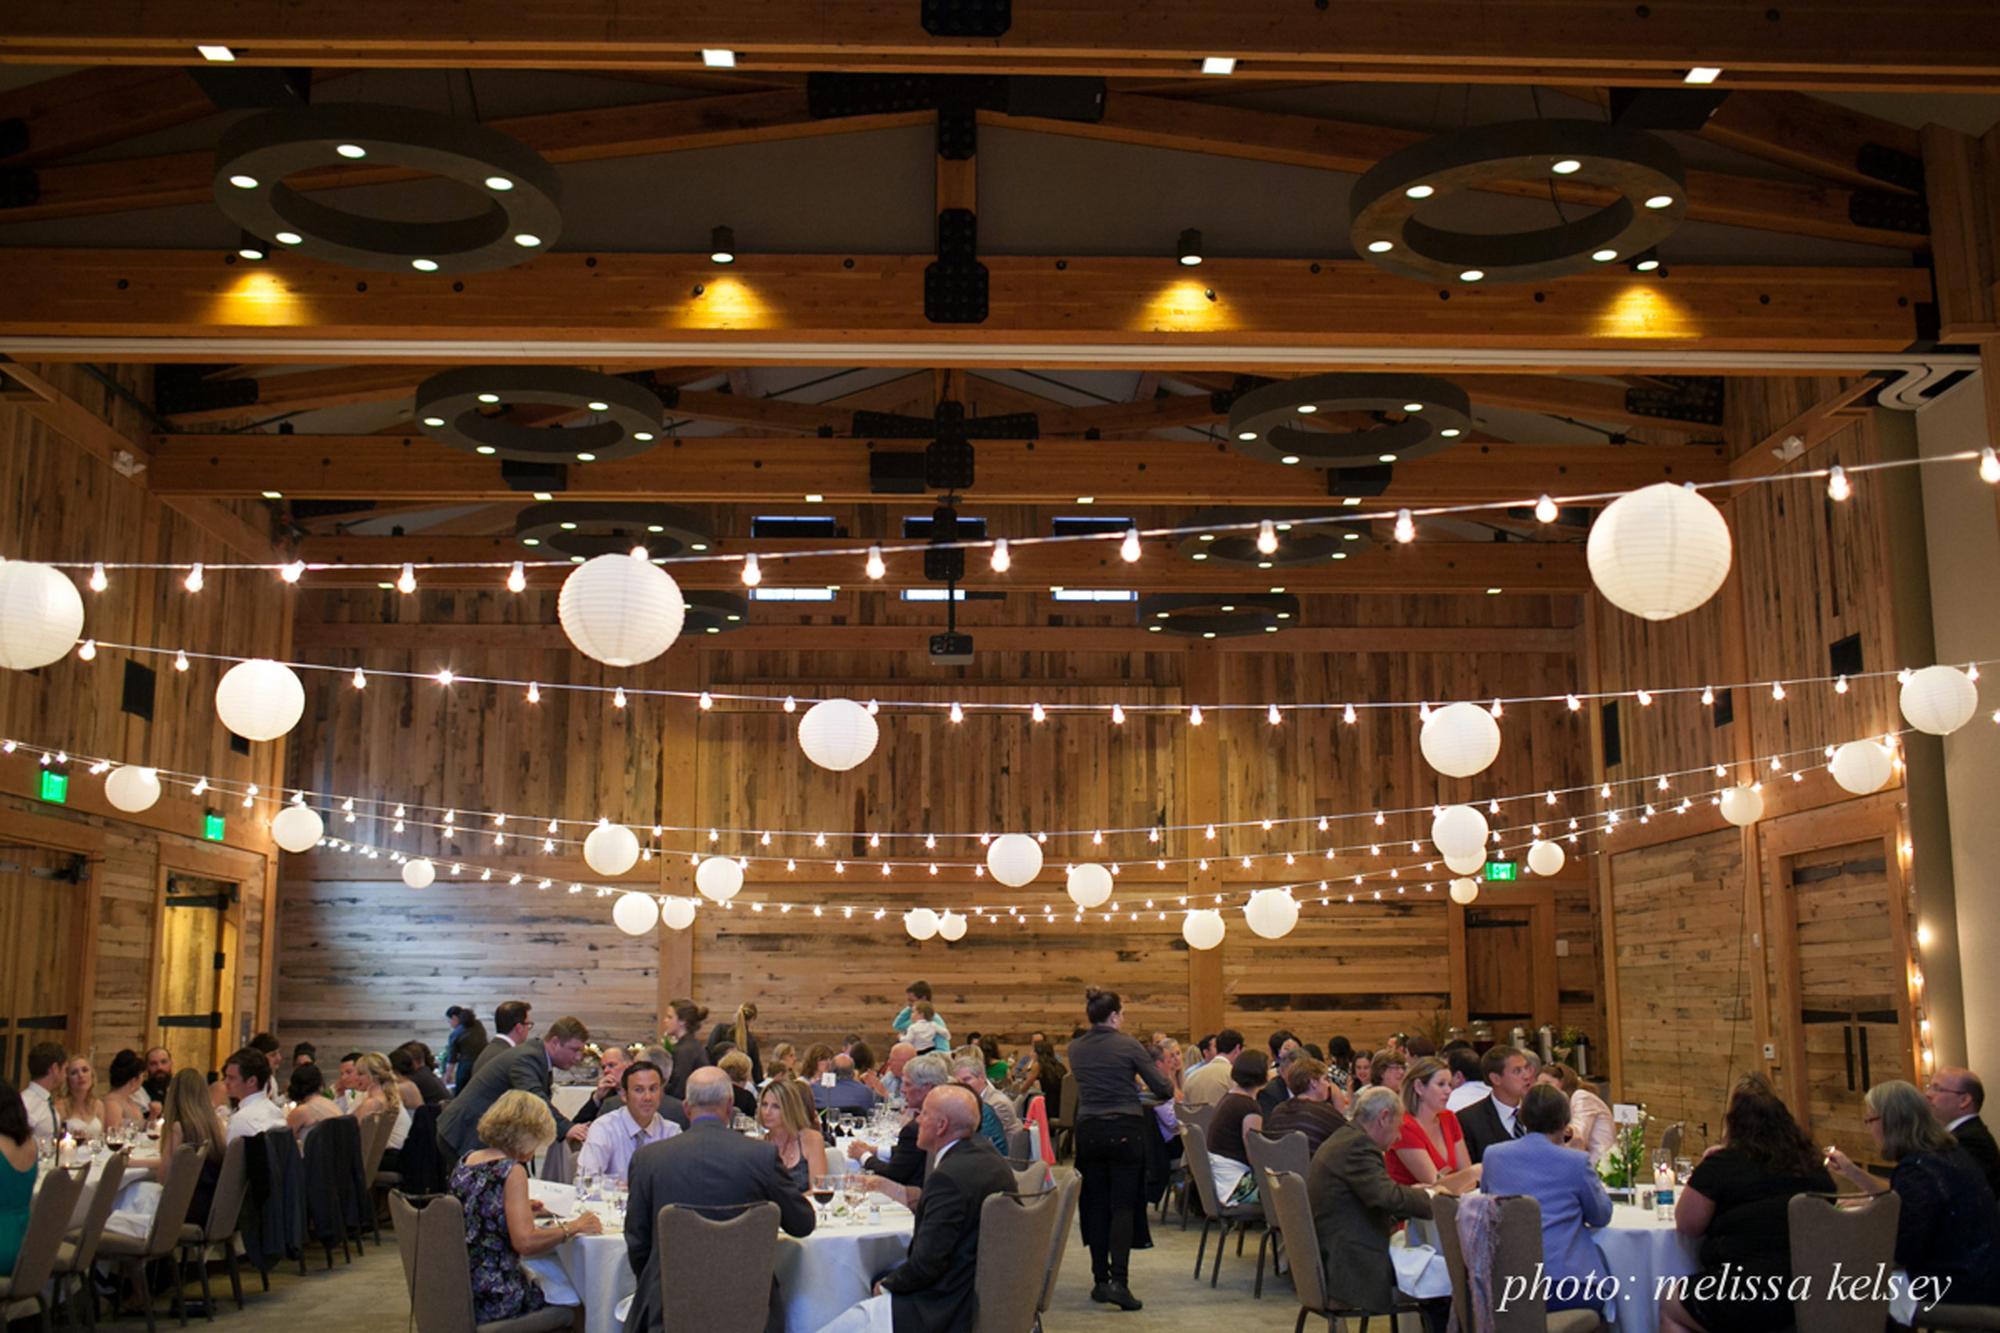 Lenora_John_Sundance_Resort_Bistro_Lighted_Reception_Dinner.jpg